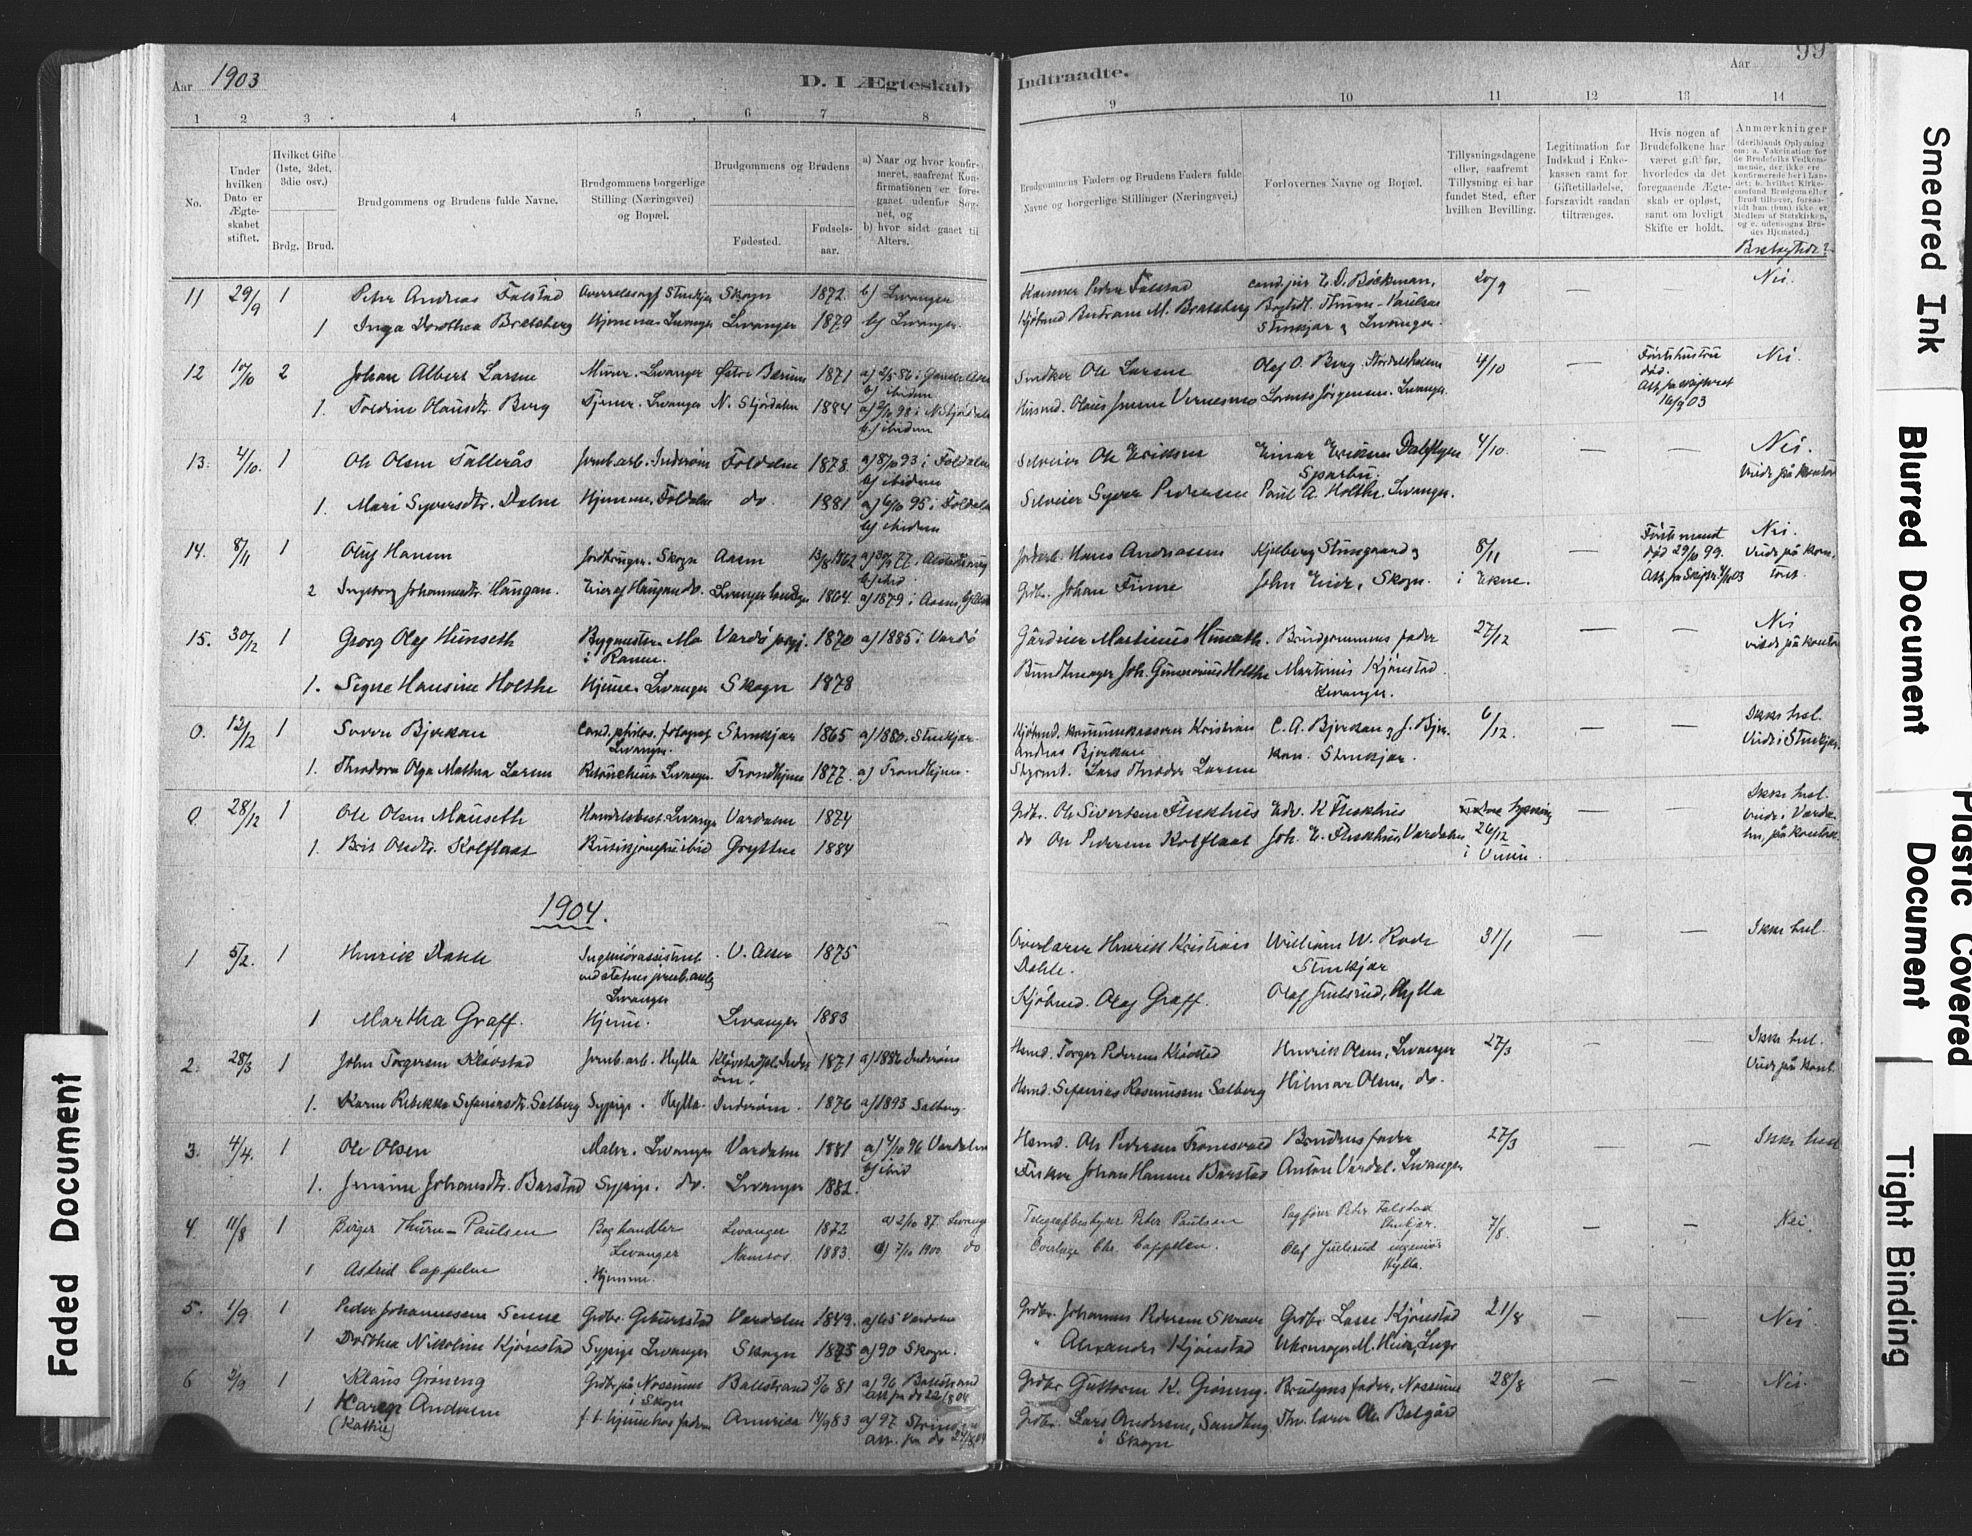 SAT, Ministerialprotokoller, klokkerbøker og fødselsregistre - Nord-Trøndelag, 720/L0189: Ministerialbok nr. 720A05, 1880-1911, s. 99